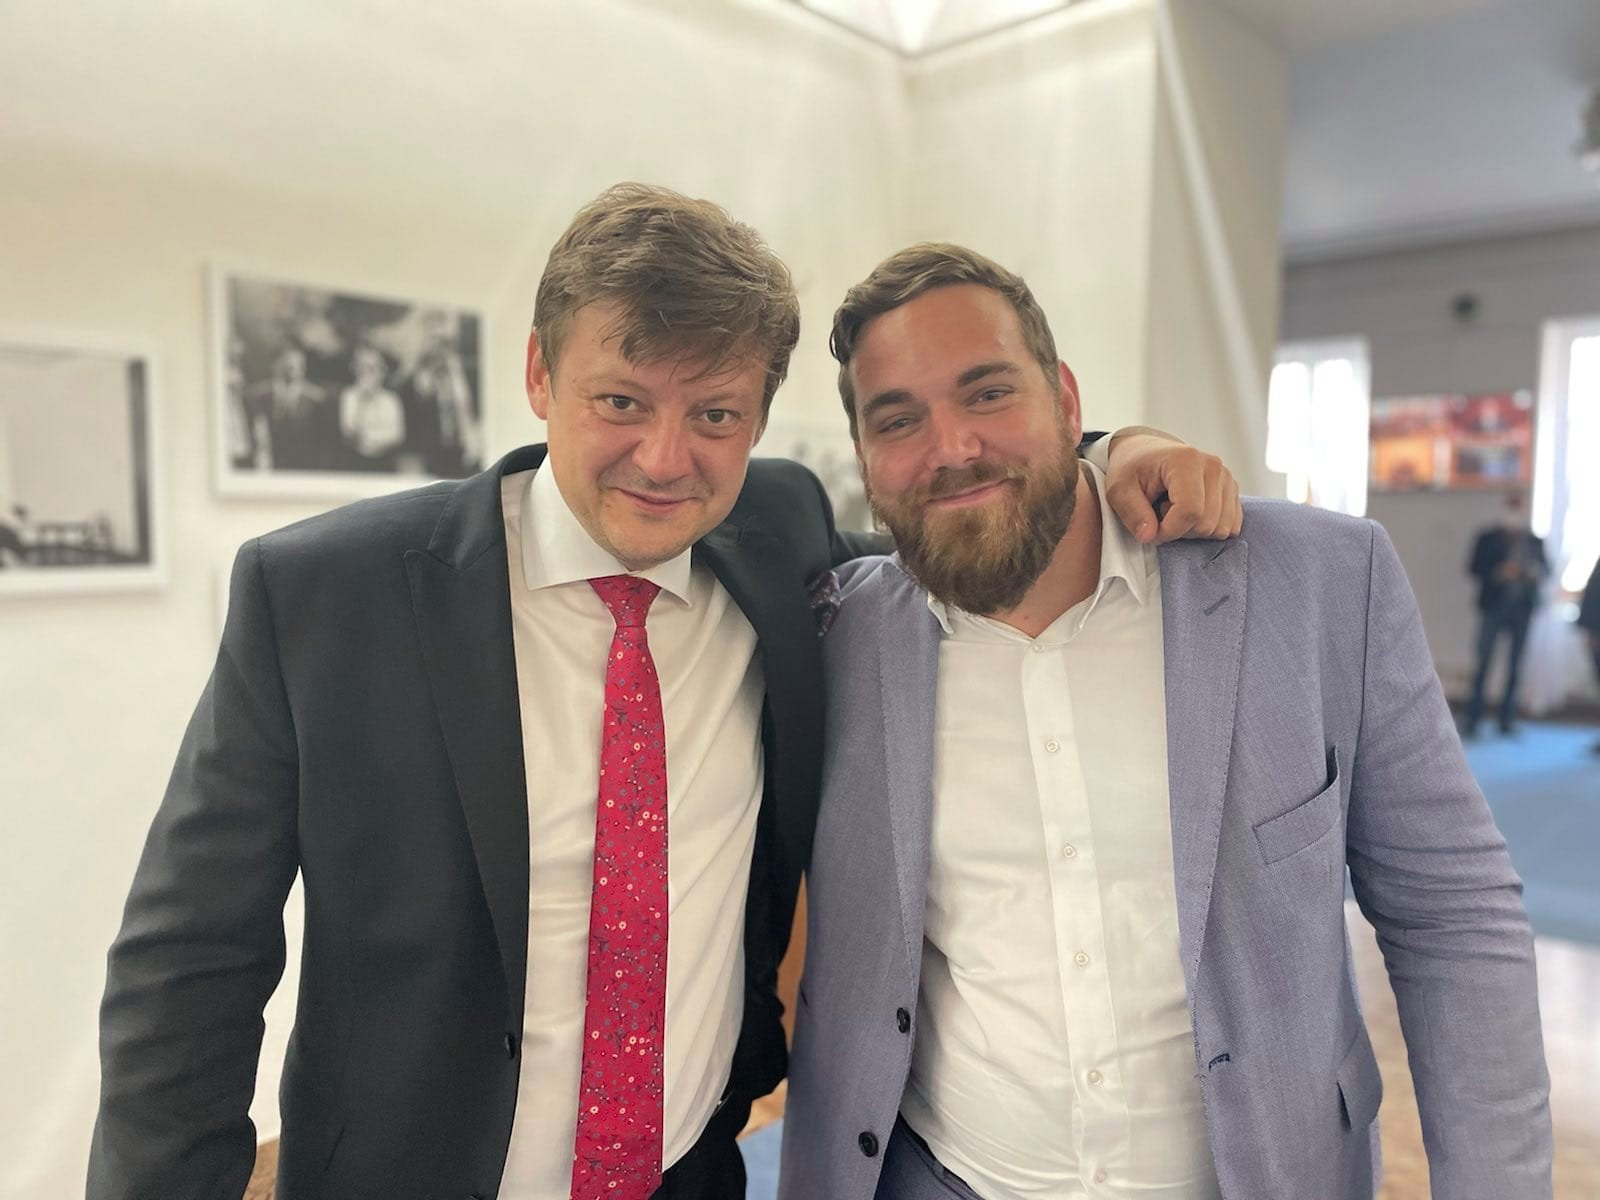 Poslanci Radek Holomčík a Tomáš Vymazal krátce po schválení novely. Foto: Archiv Tomáše Vymazala